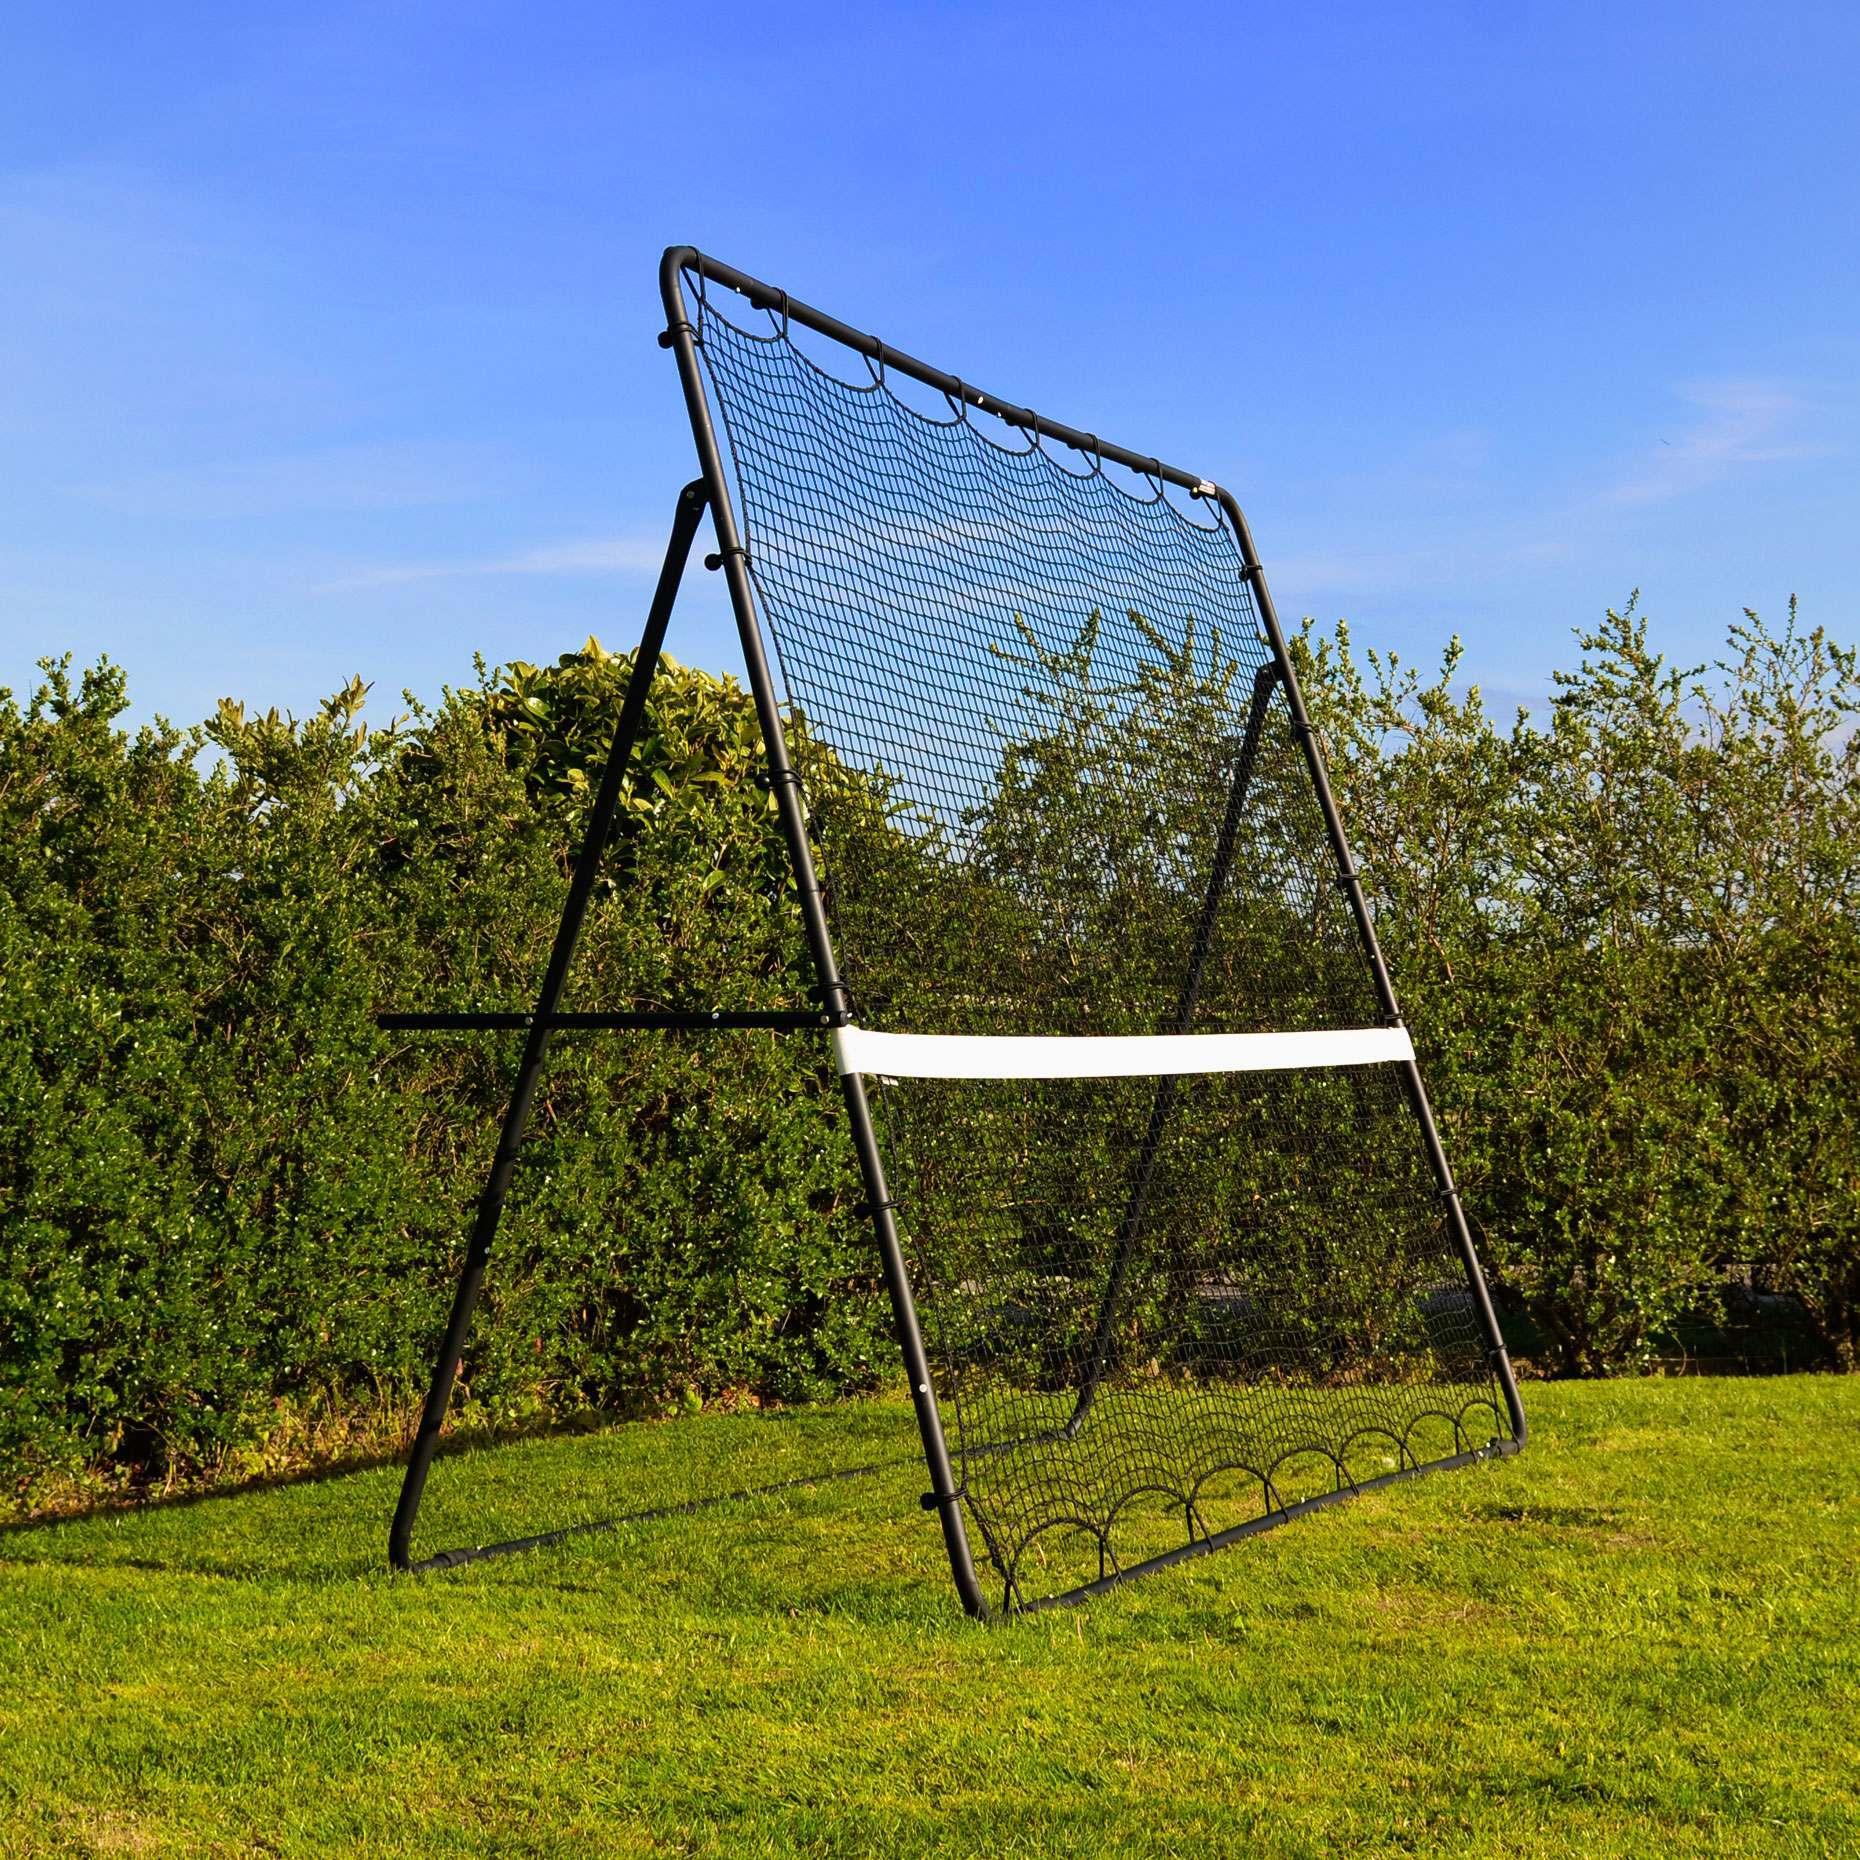 Tennis Jumbo Rebounder Net